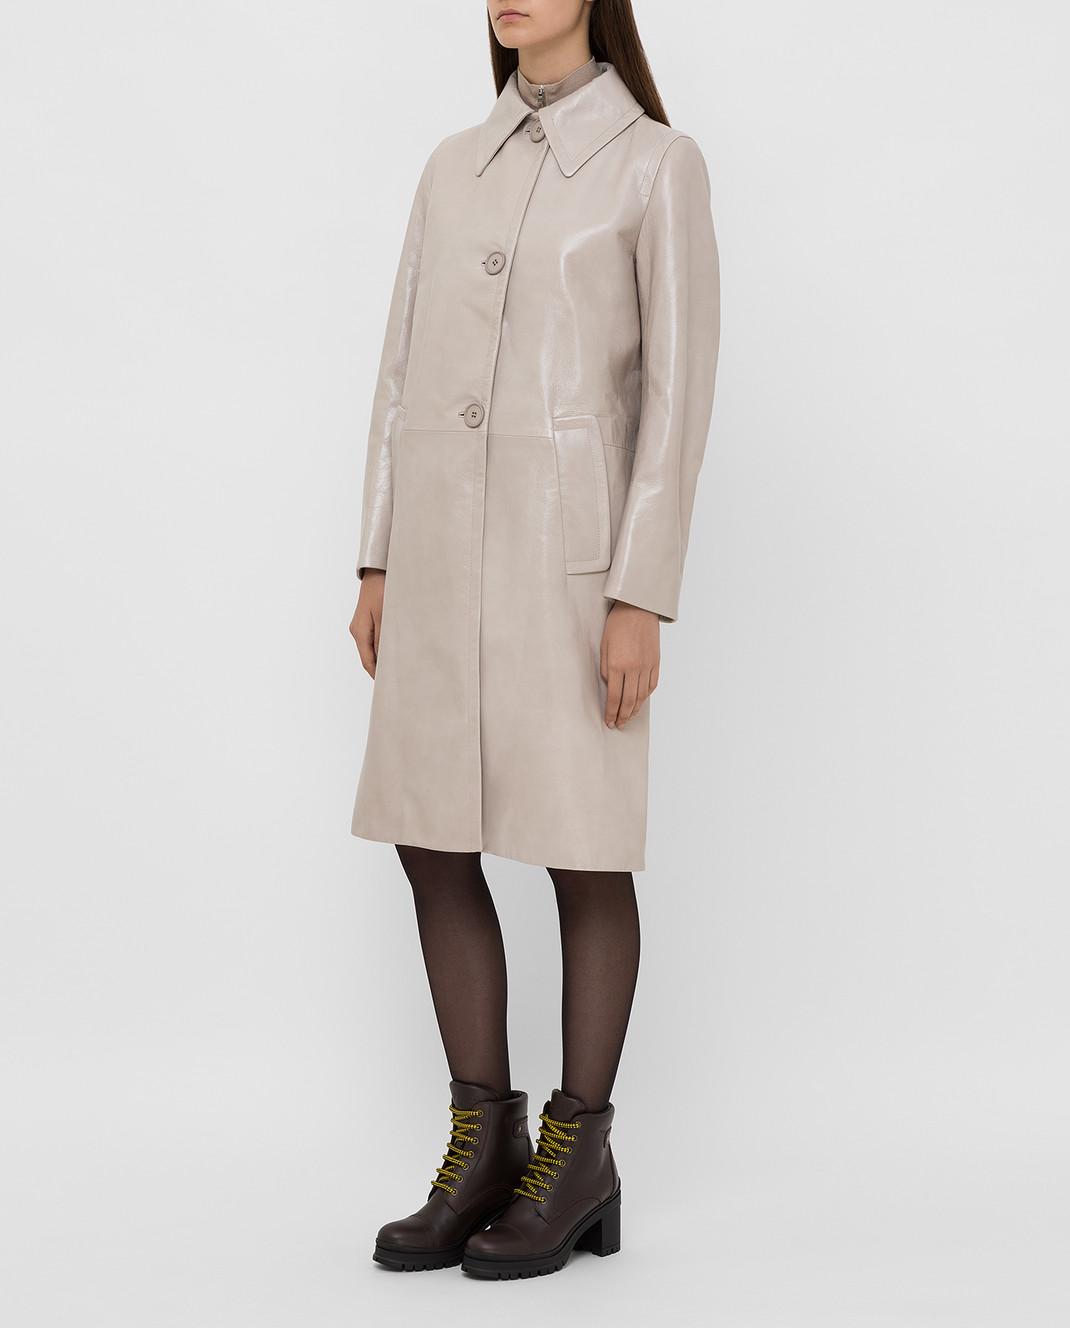 Prada Бежевое кожаное пальто 569031UKQ изображение 3